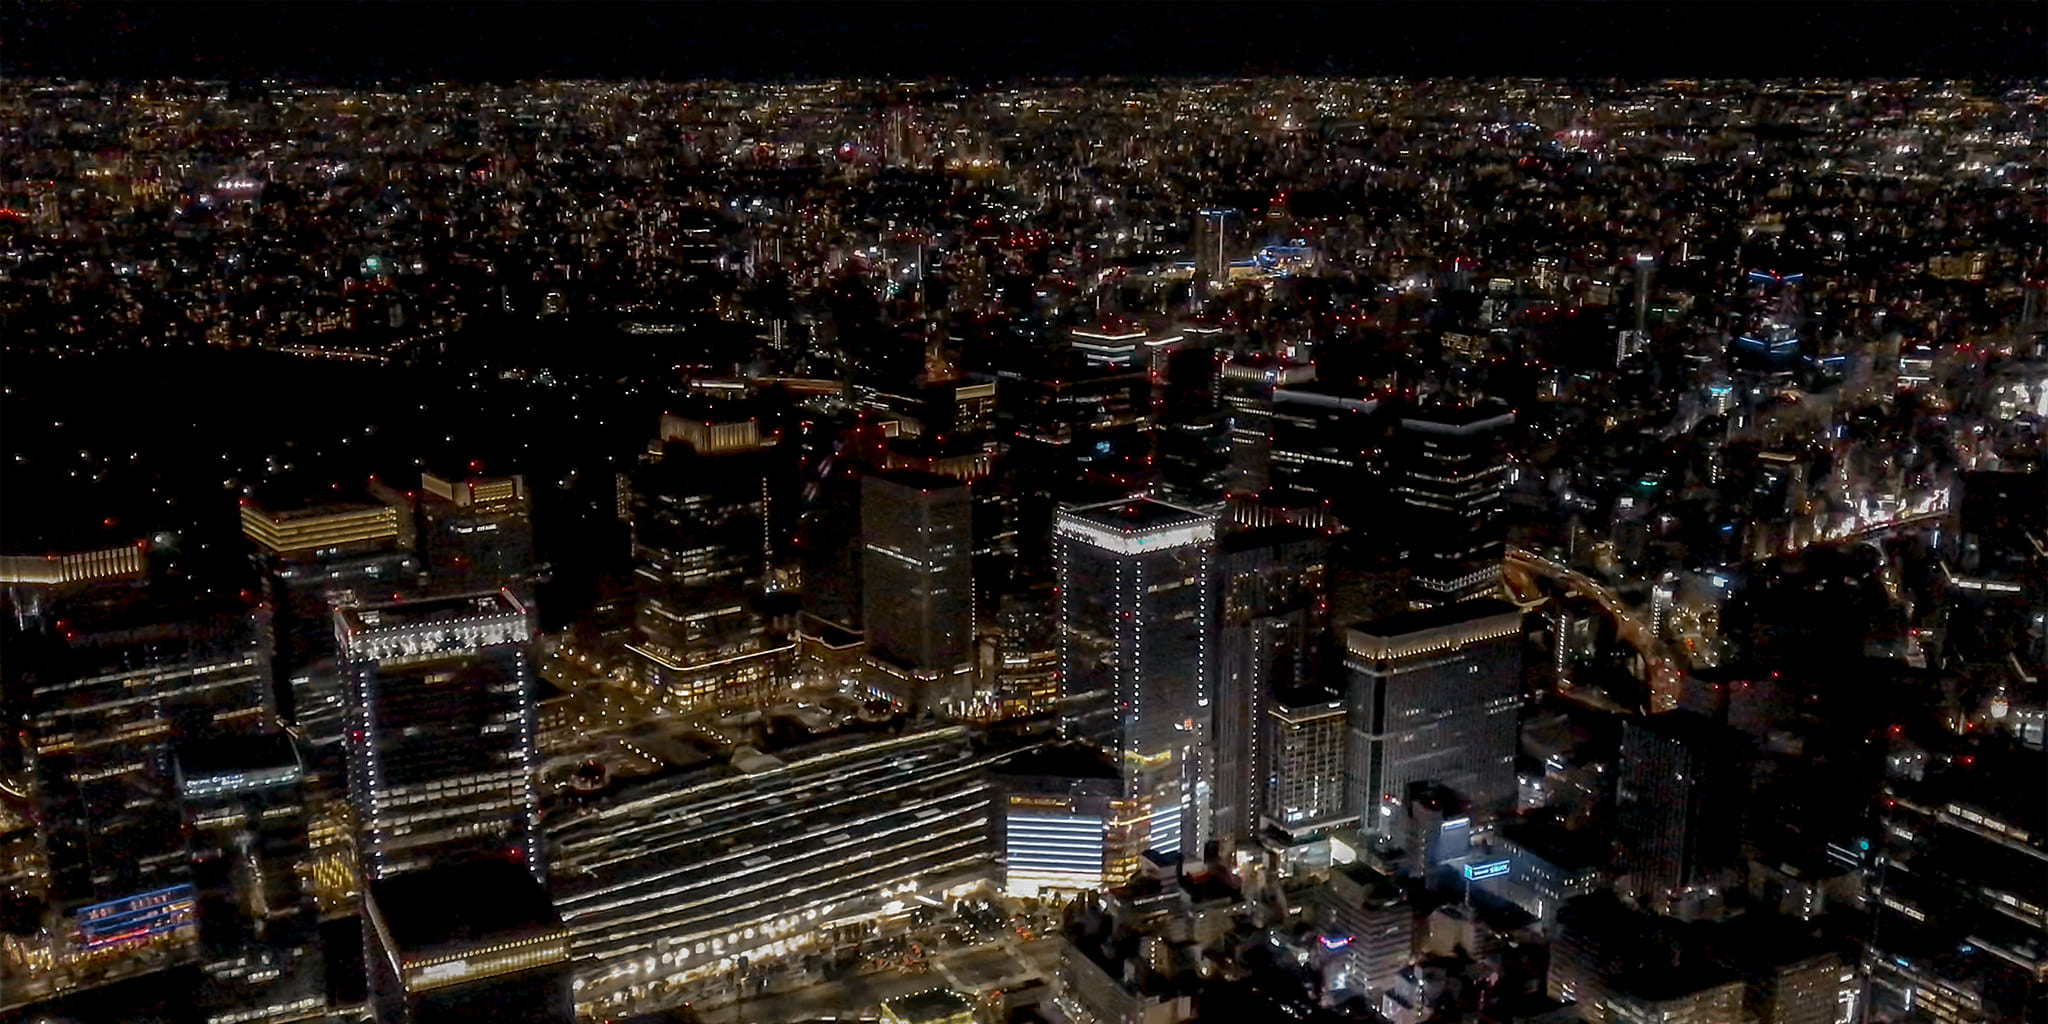 ヘリコプターで東京上空をフライトして見える東京駅